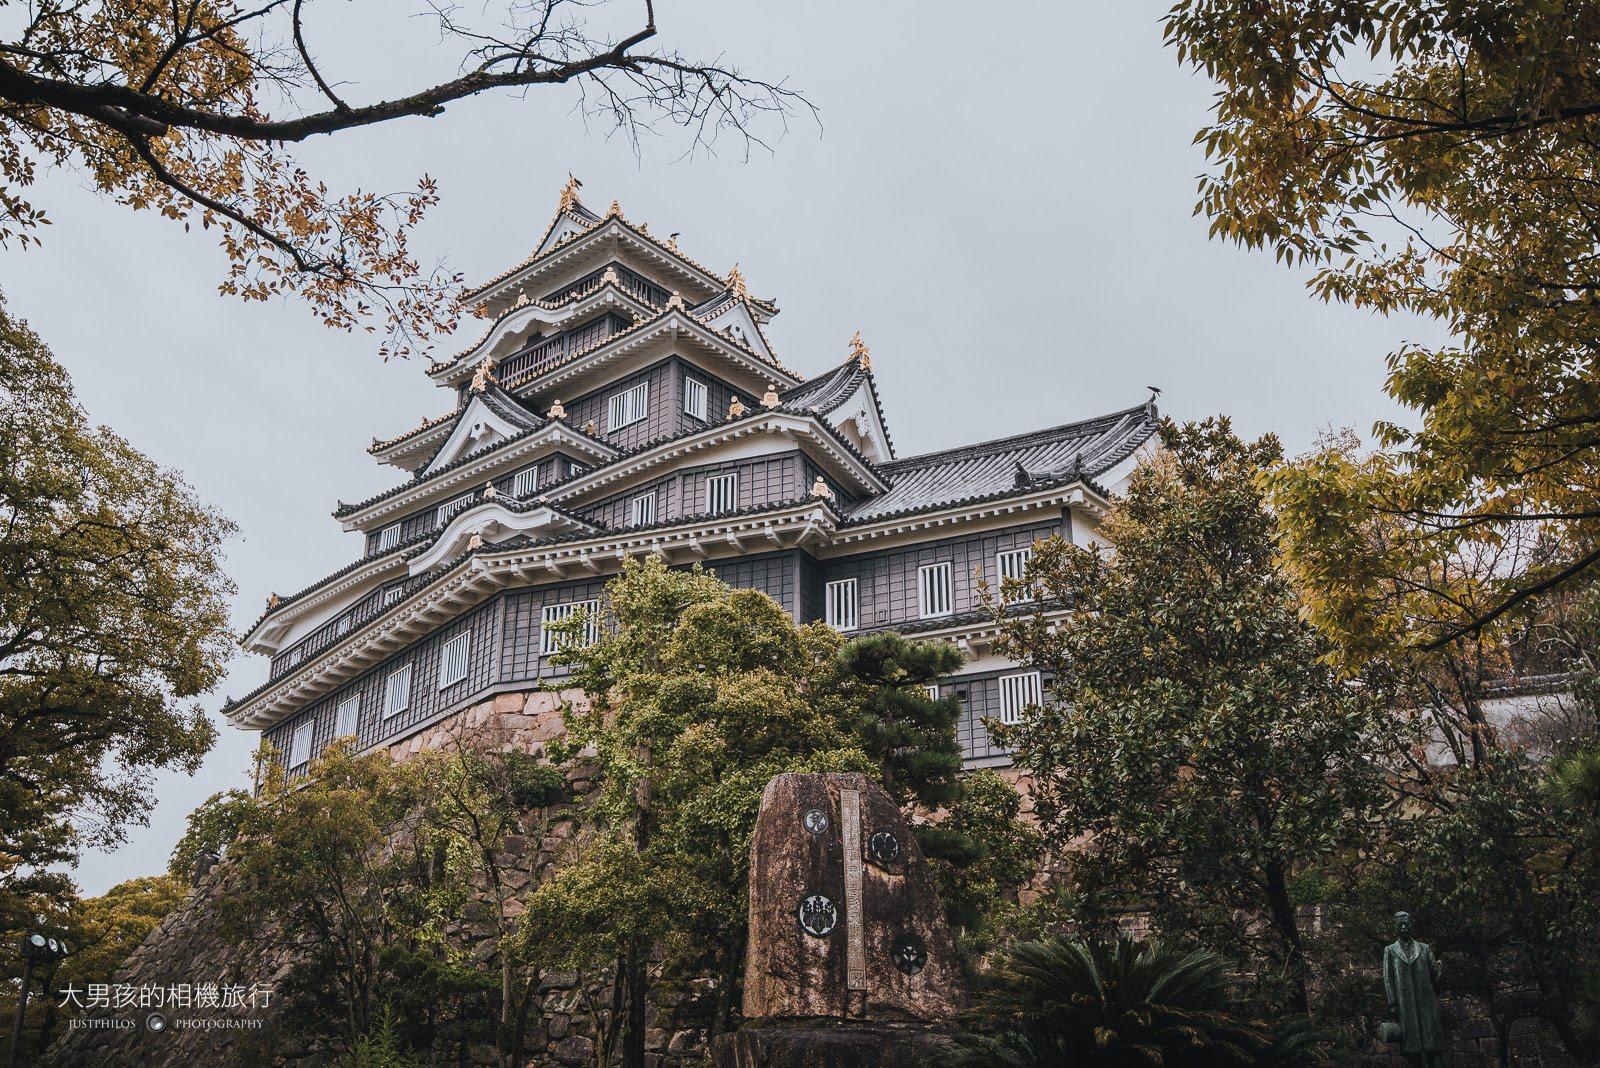 因為天氣不好的關係岡山城看起來失色許多,如果天氣好應該相當美。